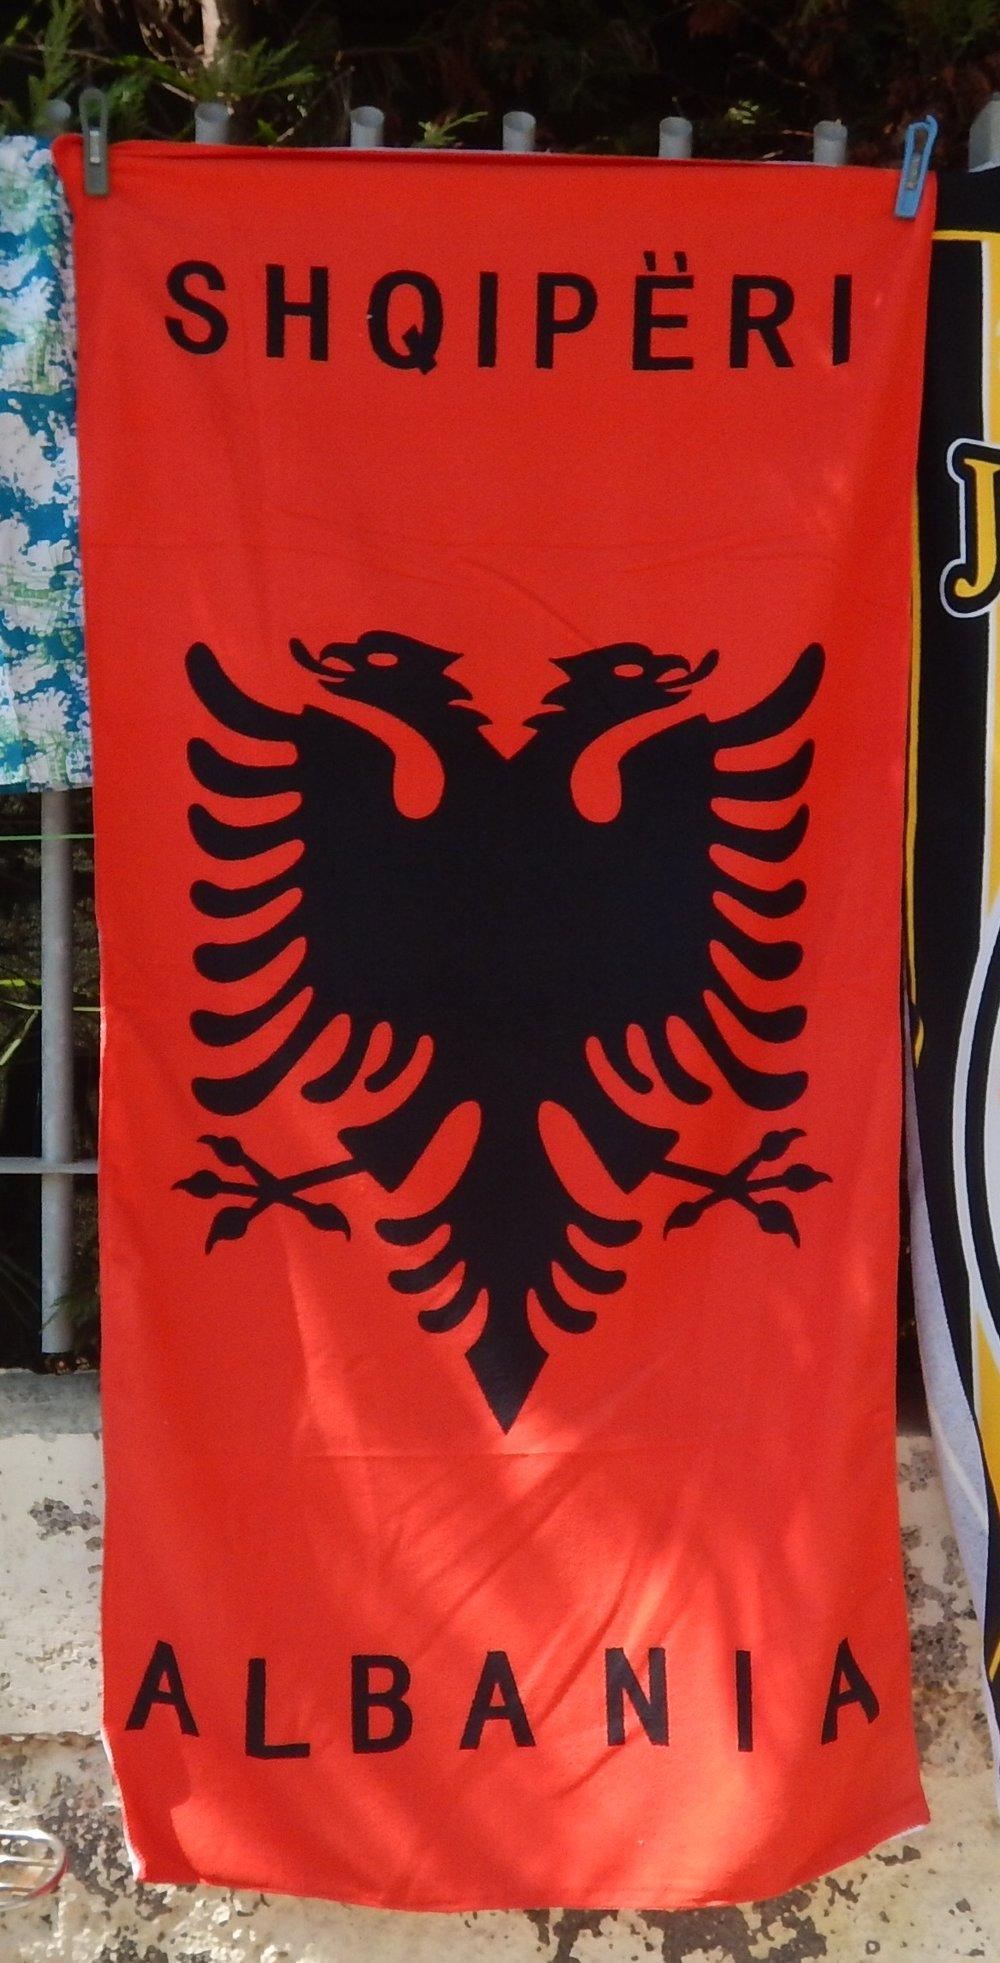 Albanian for Albania!!